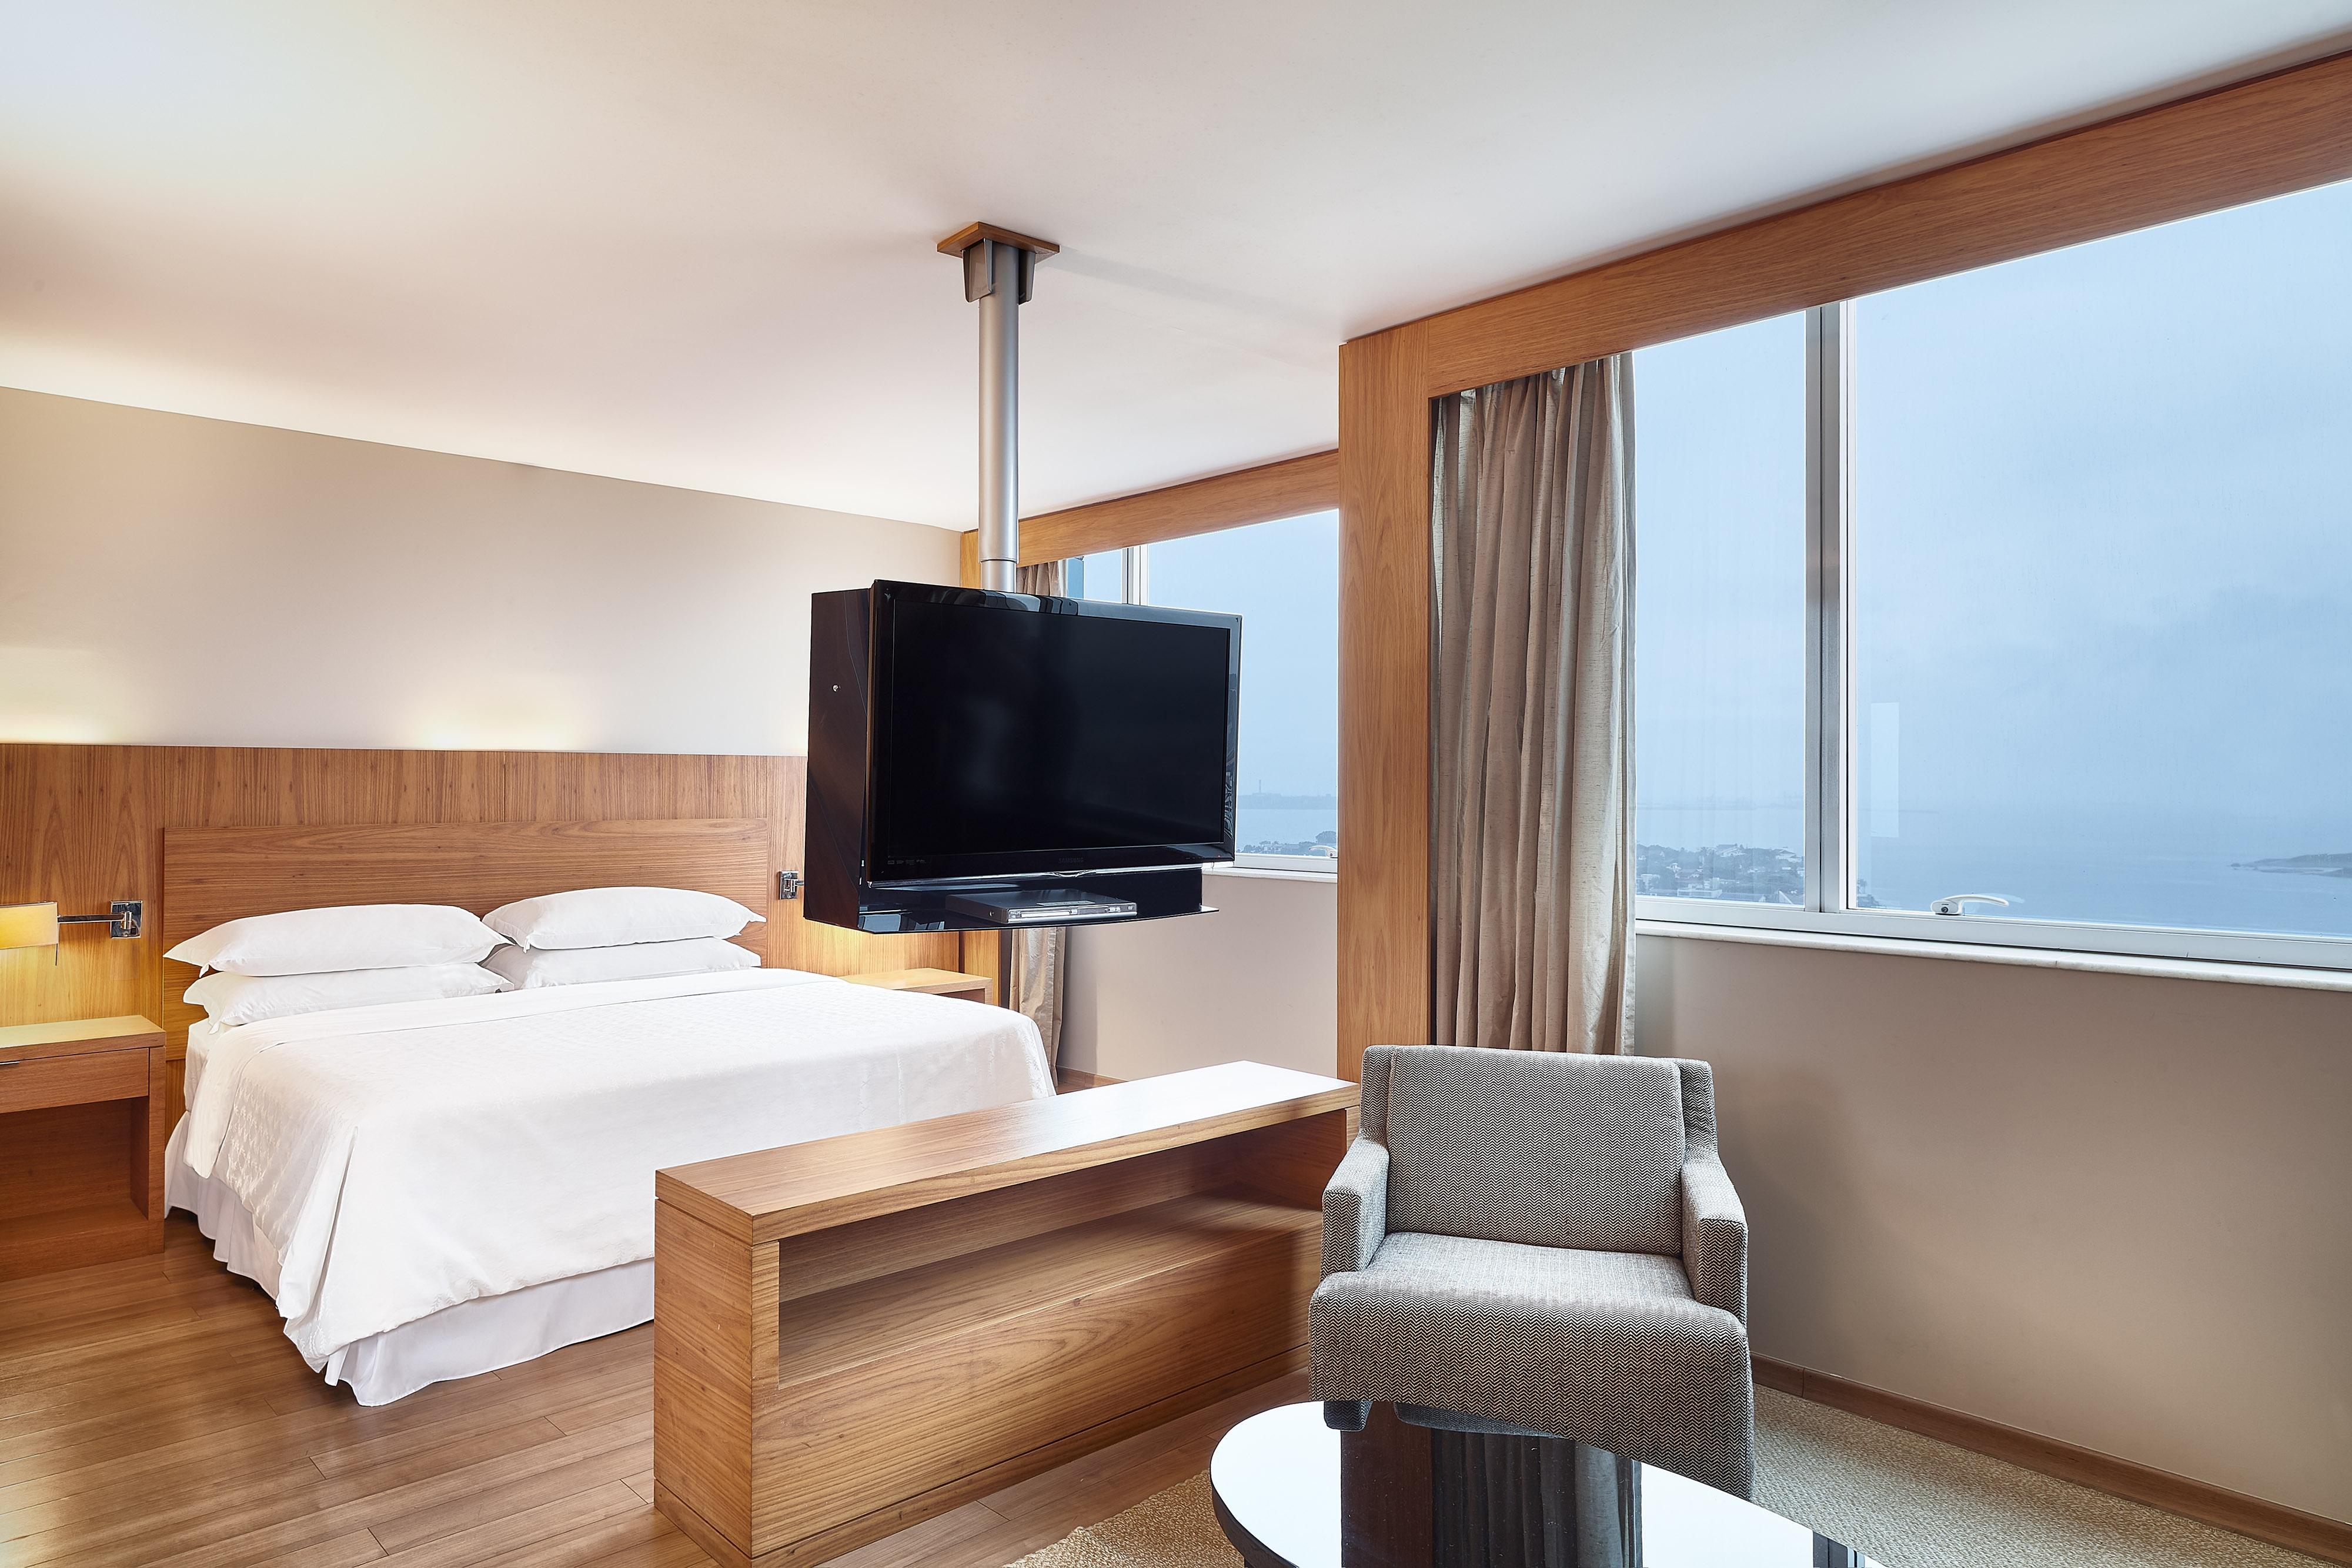 Suite Club avec lit king size et vue sur l'océan